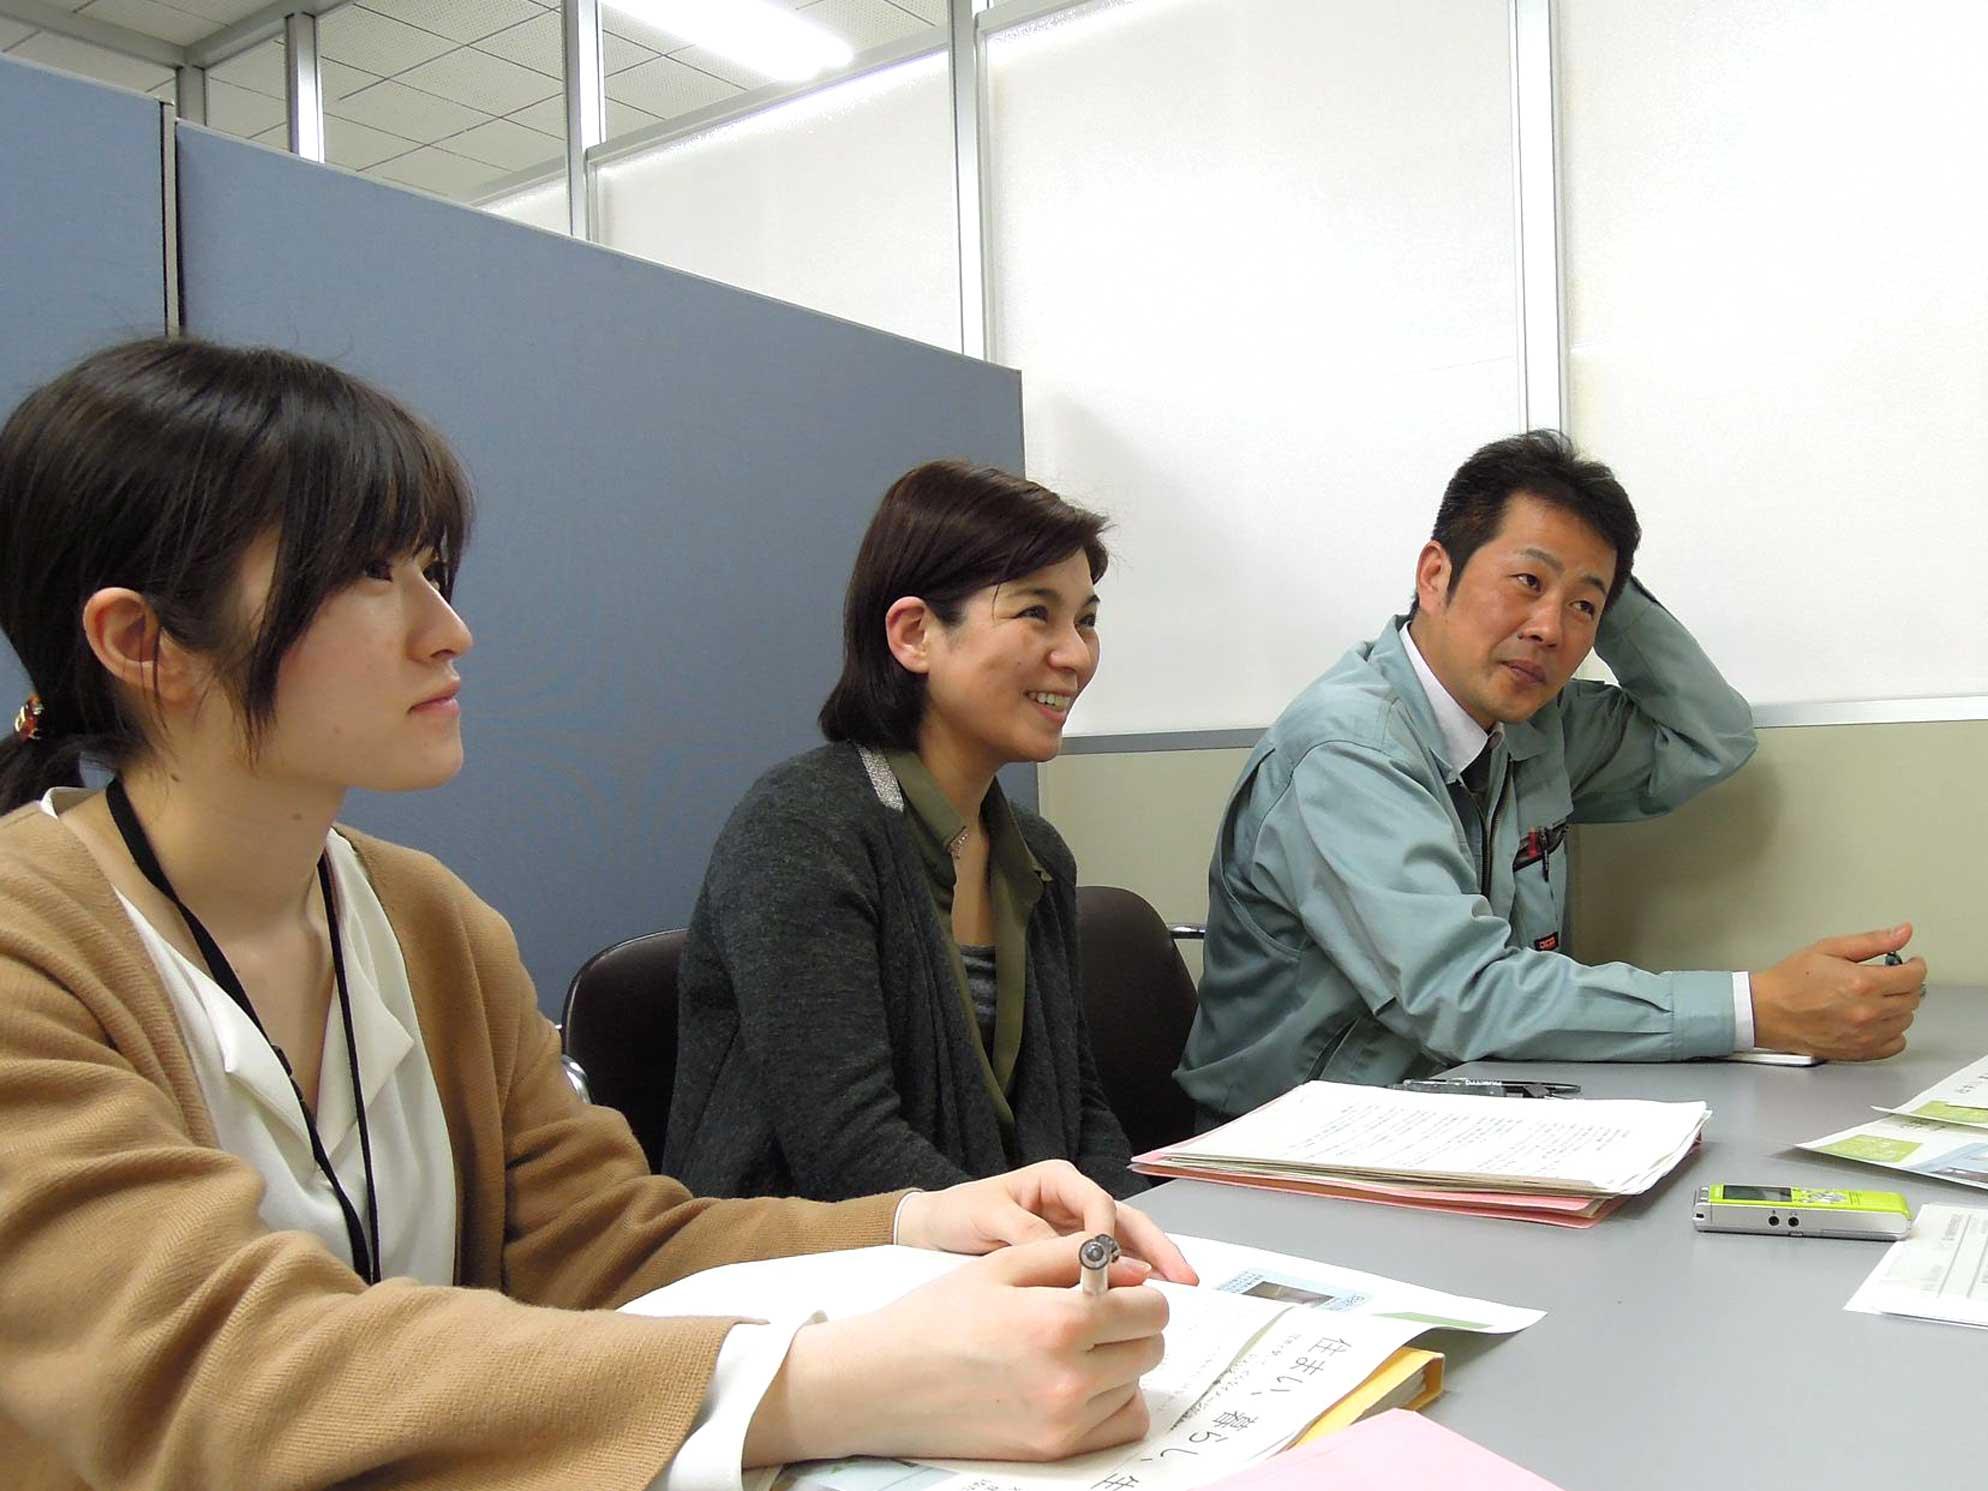 お話を伺った大阪府住宅供給公社の職員の皆様。左から_さん、_さん、_さん